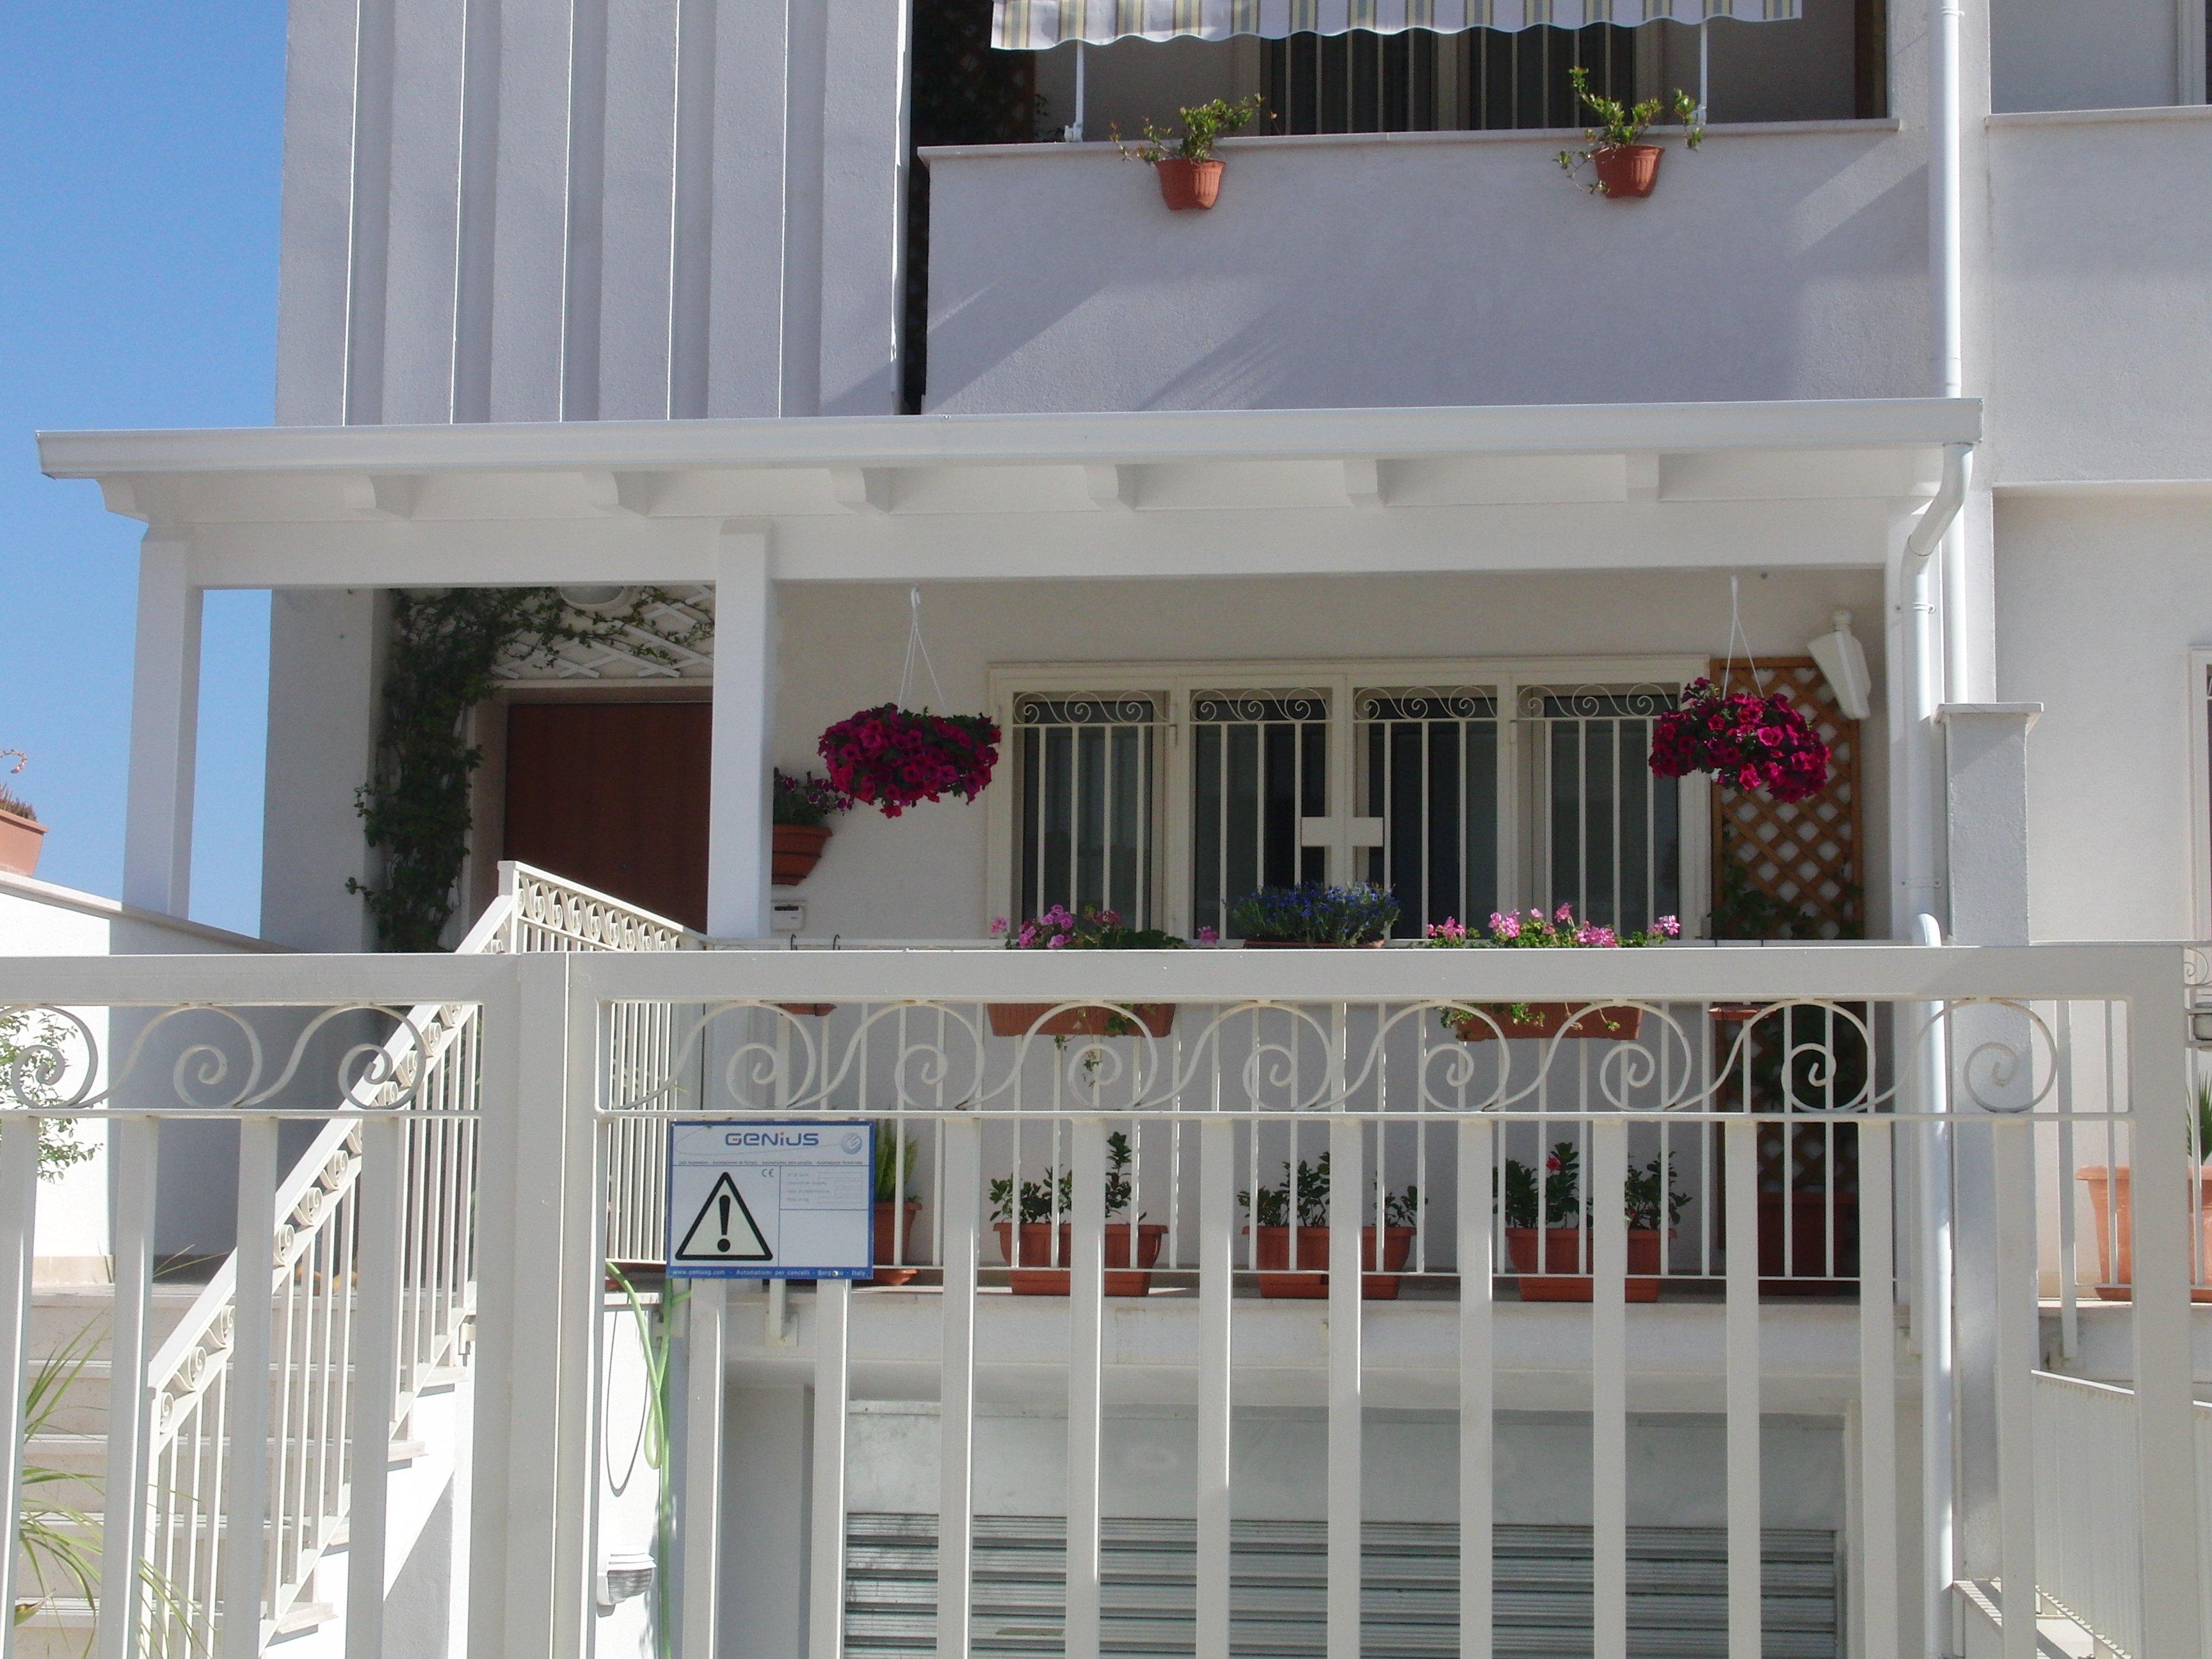 Tettoia balcone su misura